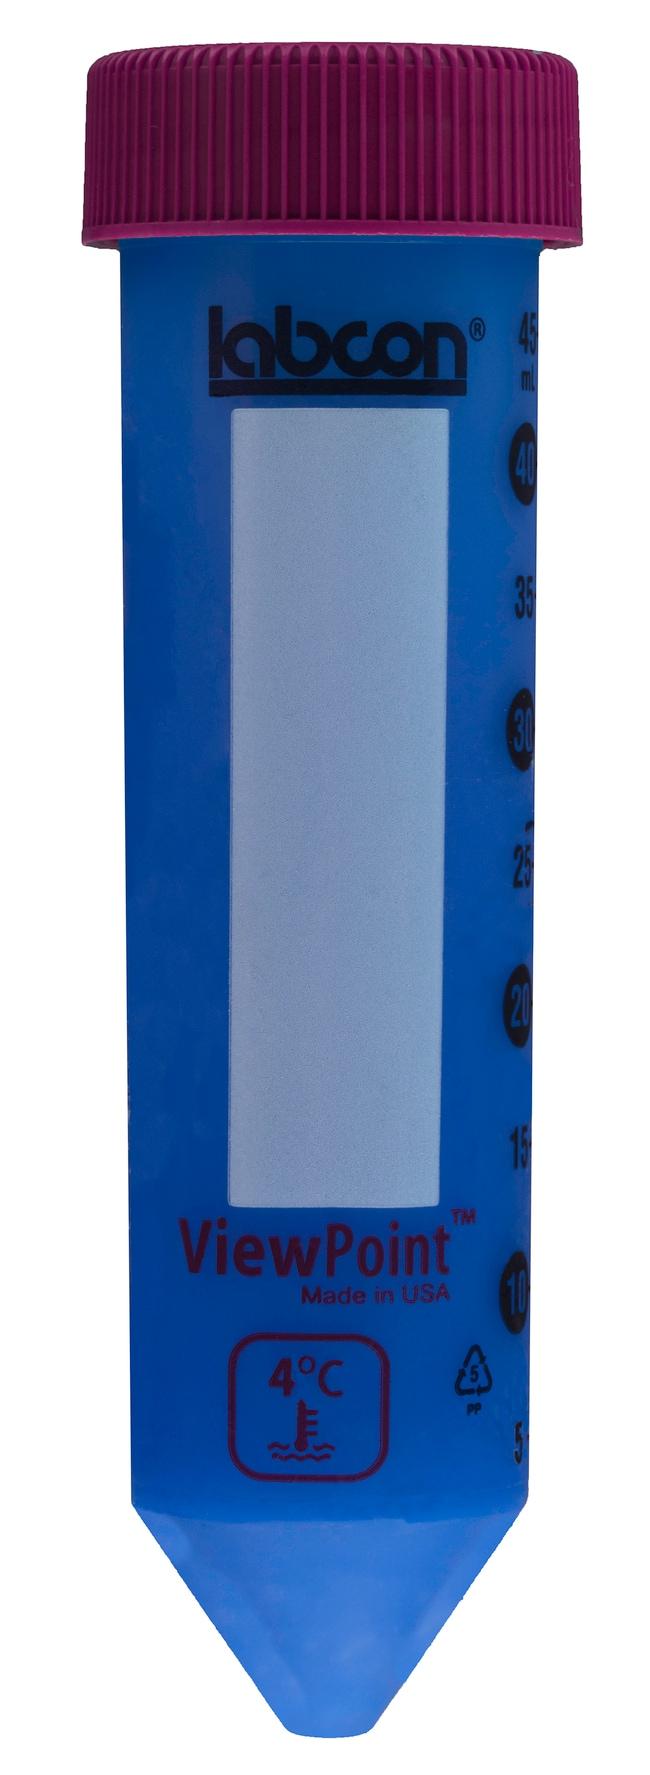 Labcon50 mL ViewPoint™ Centrifuge Thermochromic Tubes 10tubes par sachet IntegraPack™; non stérile Labcon50 mL ViewPoint™ Centrifuge Thermochromic Tubes